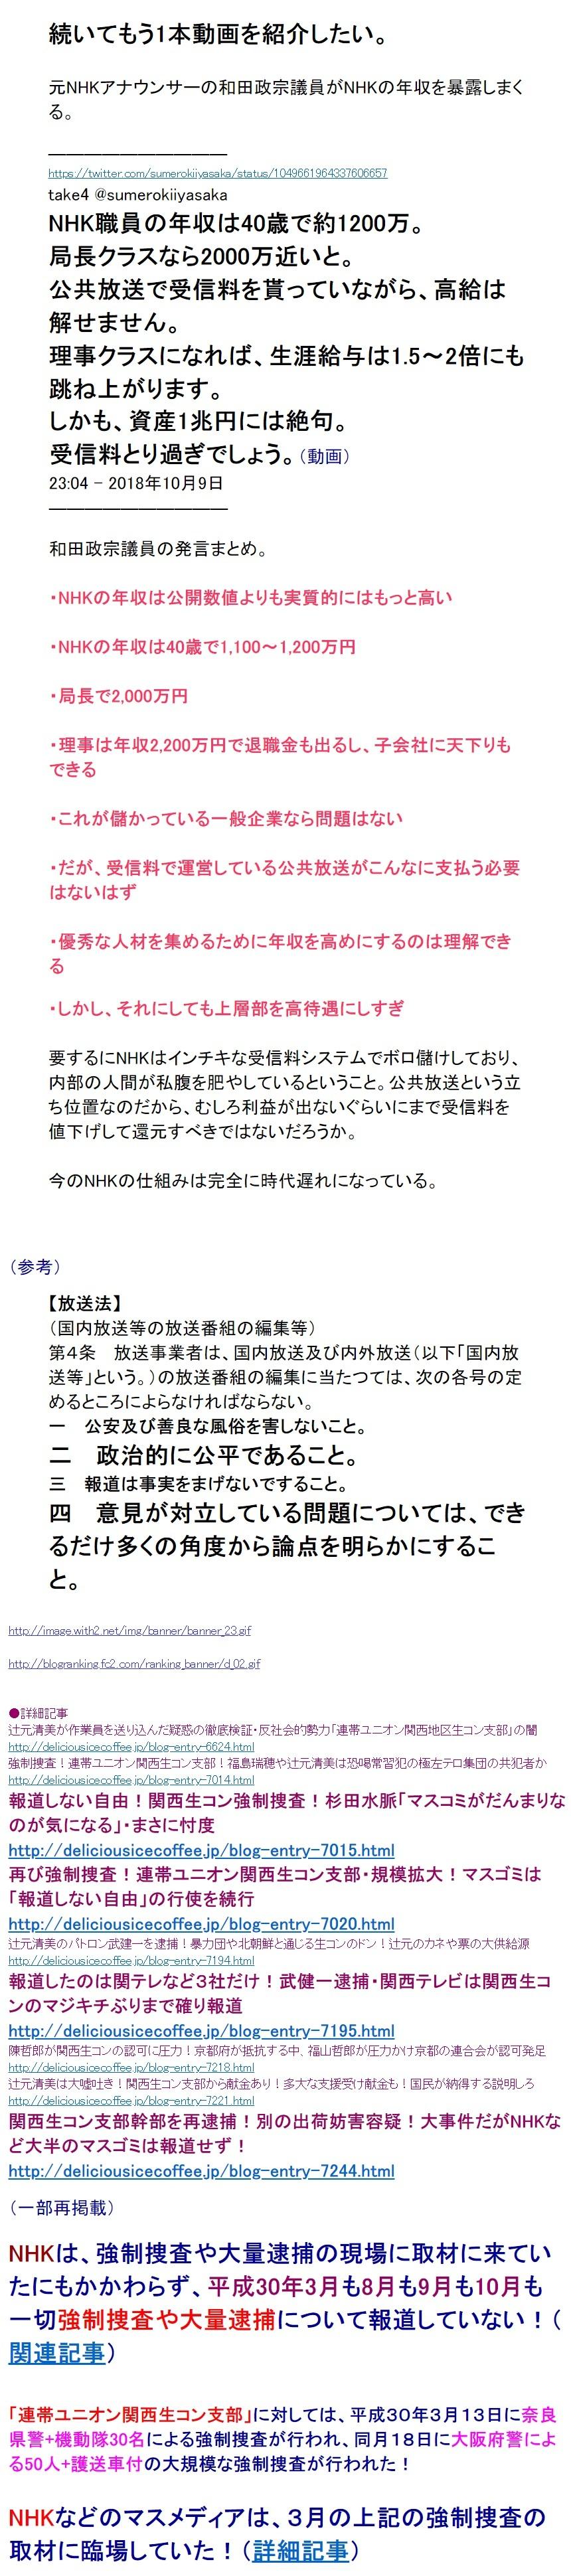 NHKは関西生コン逮捕を報道せず2